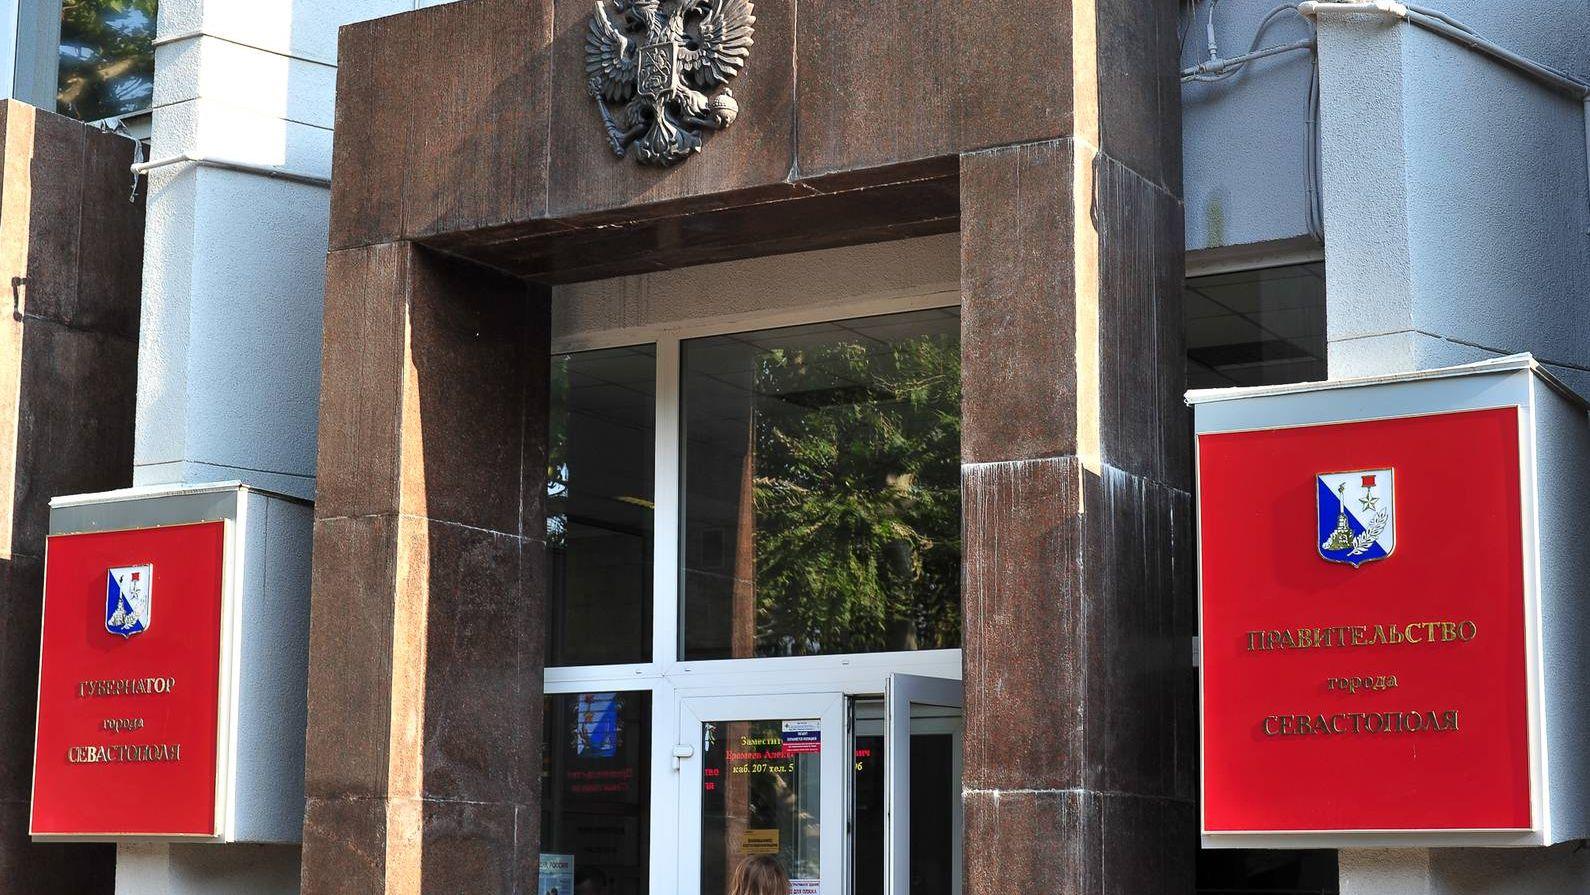 Здание правительства города Севастополя. Крым